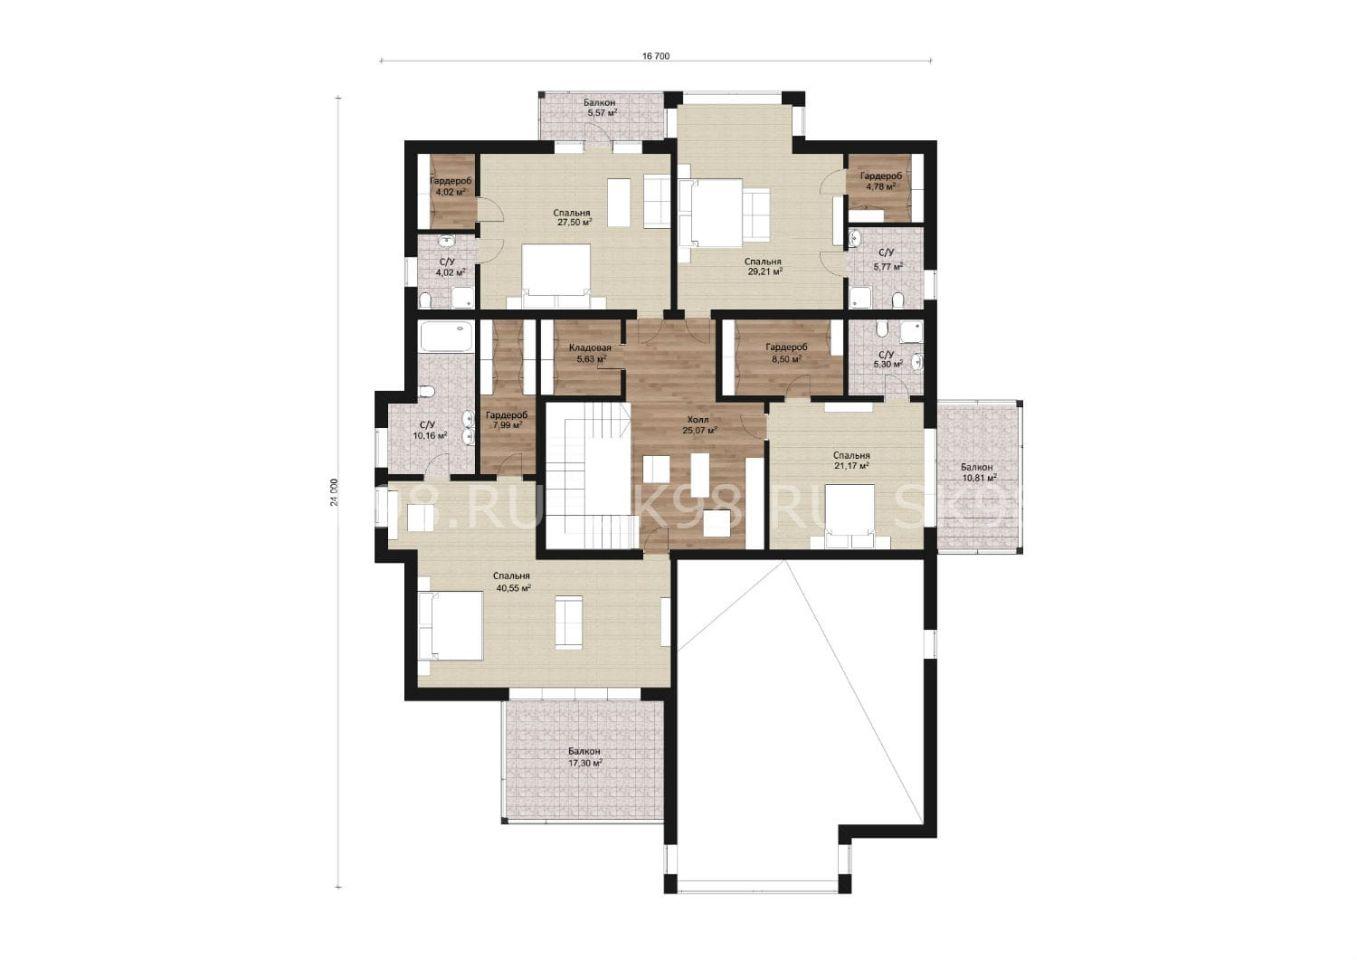 планировка дома TWO 478 - второй этаж